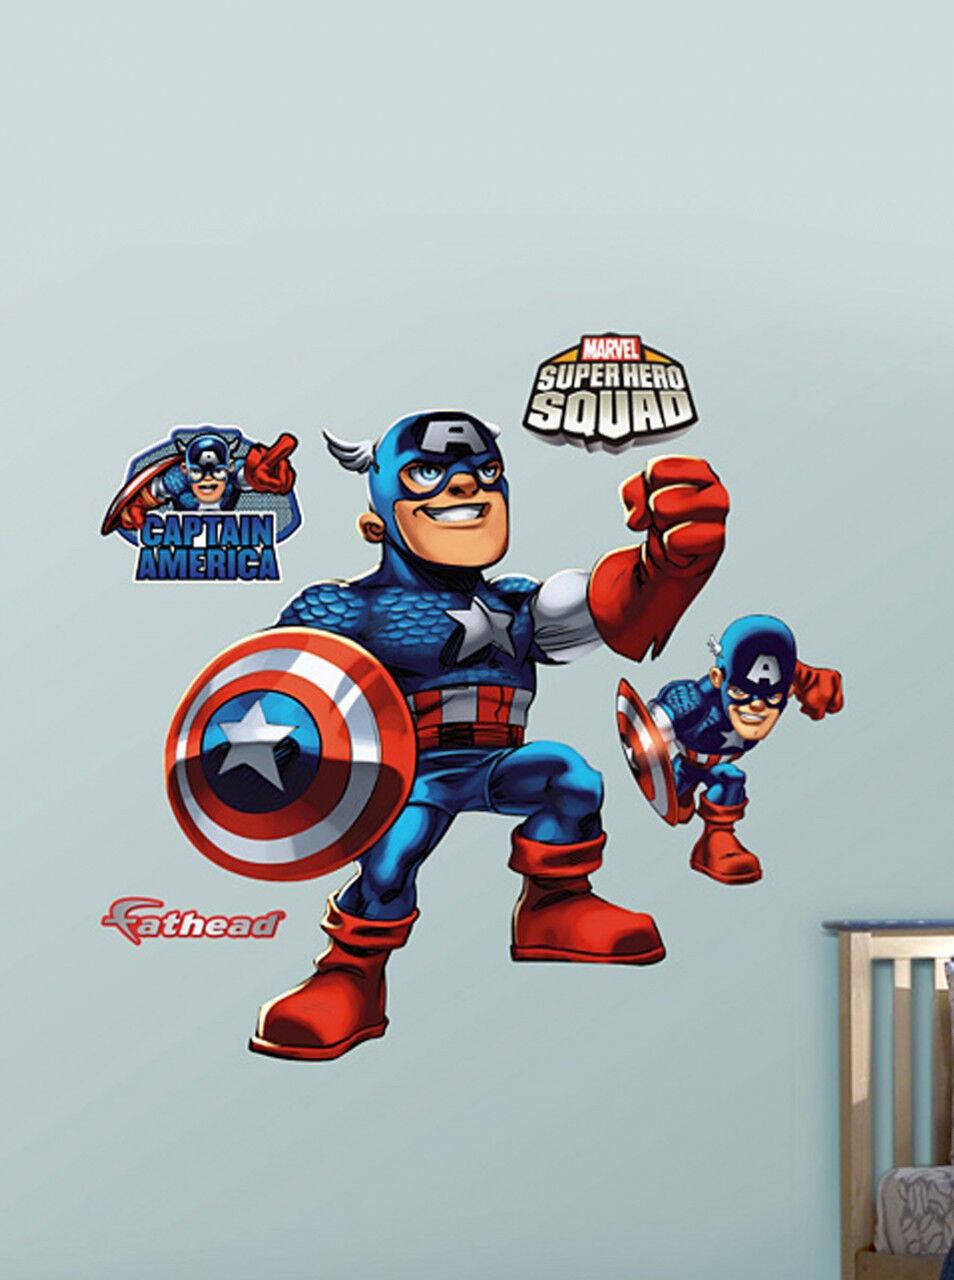 Fathead Super Hero Squad Capitán América Marvel Comics parojo decoración nuevo 96-96061